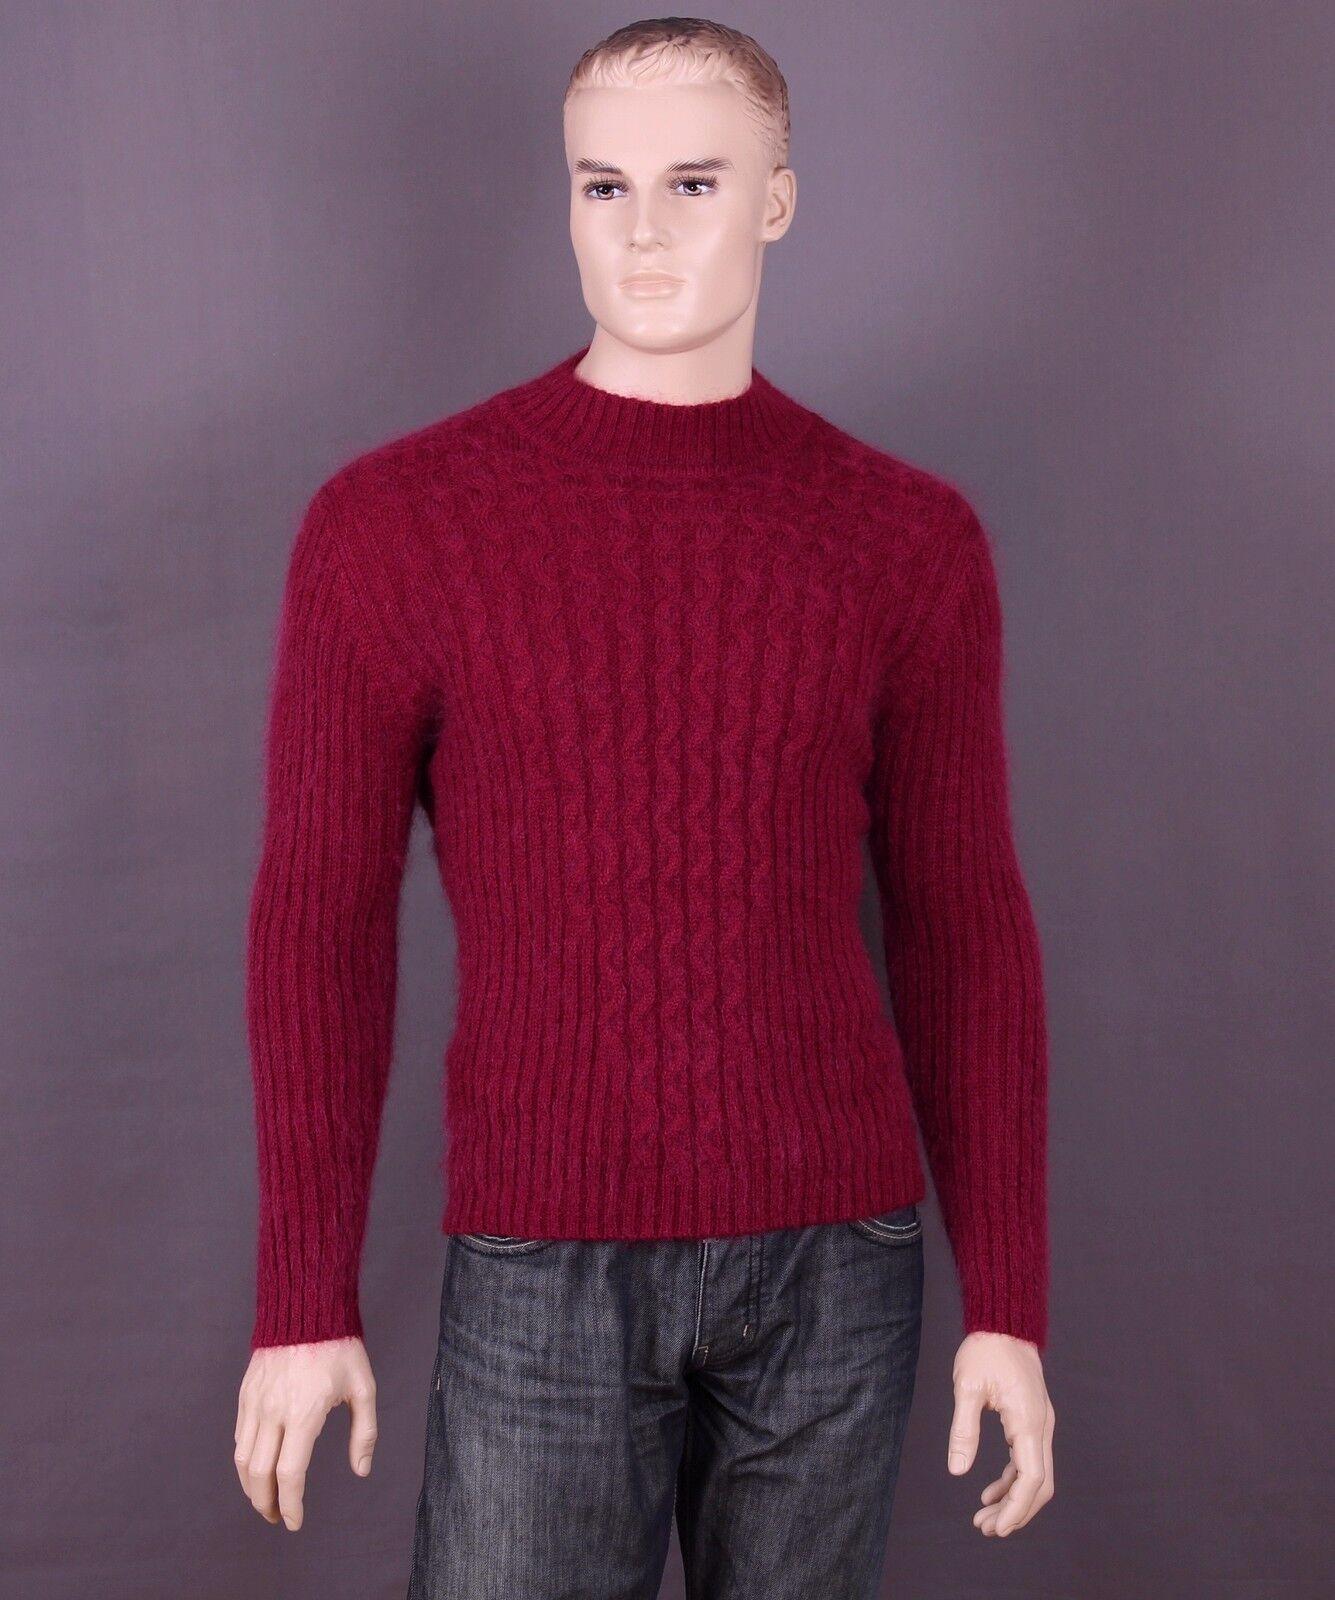 Mohair Pullover Farbe: bordeaux und Größe: M oder L (nach Wahl)